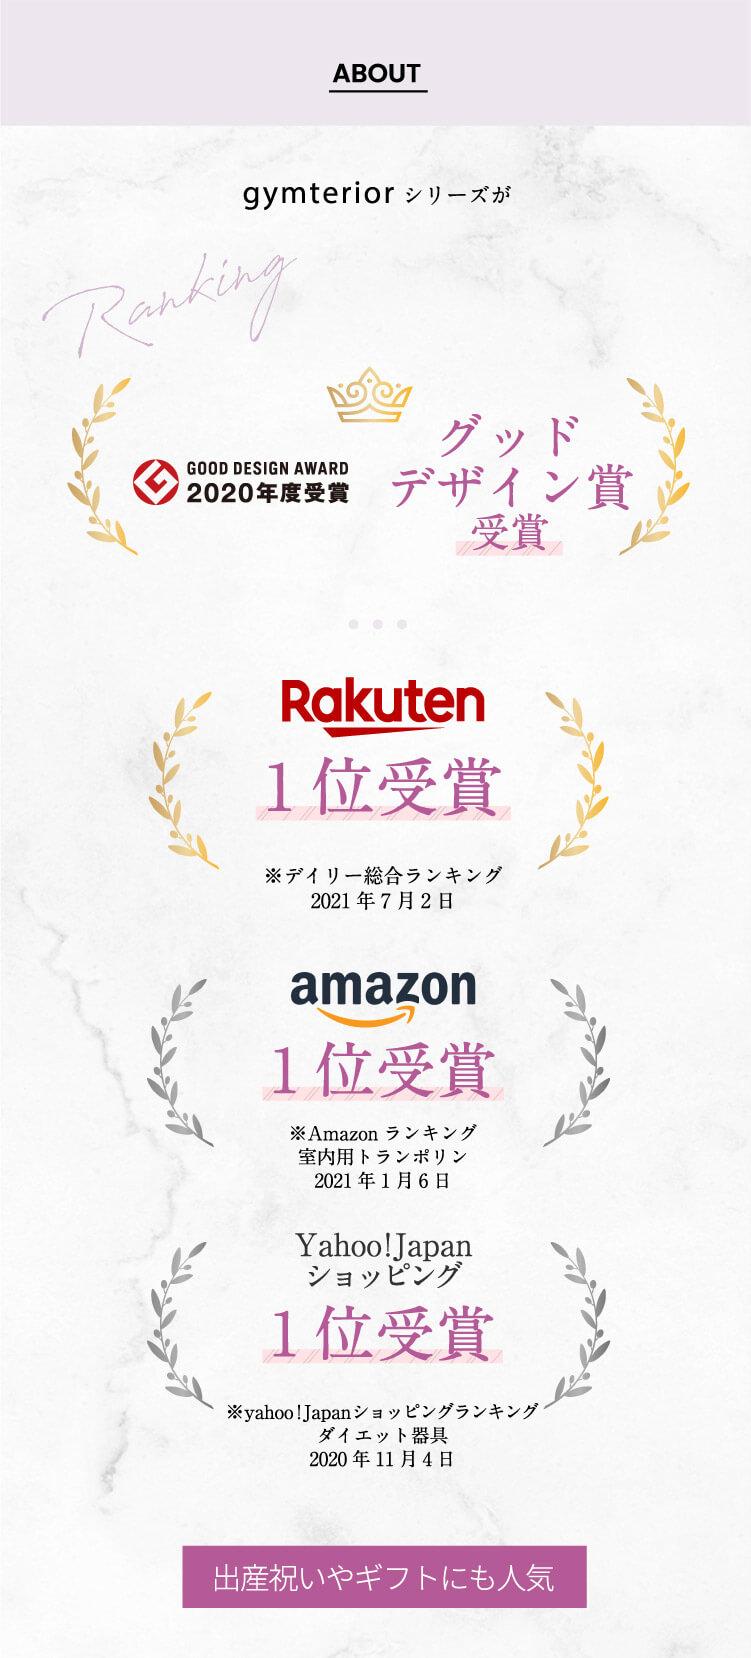 グッドデザイン賞受賞、楽天ランキング1位受賞